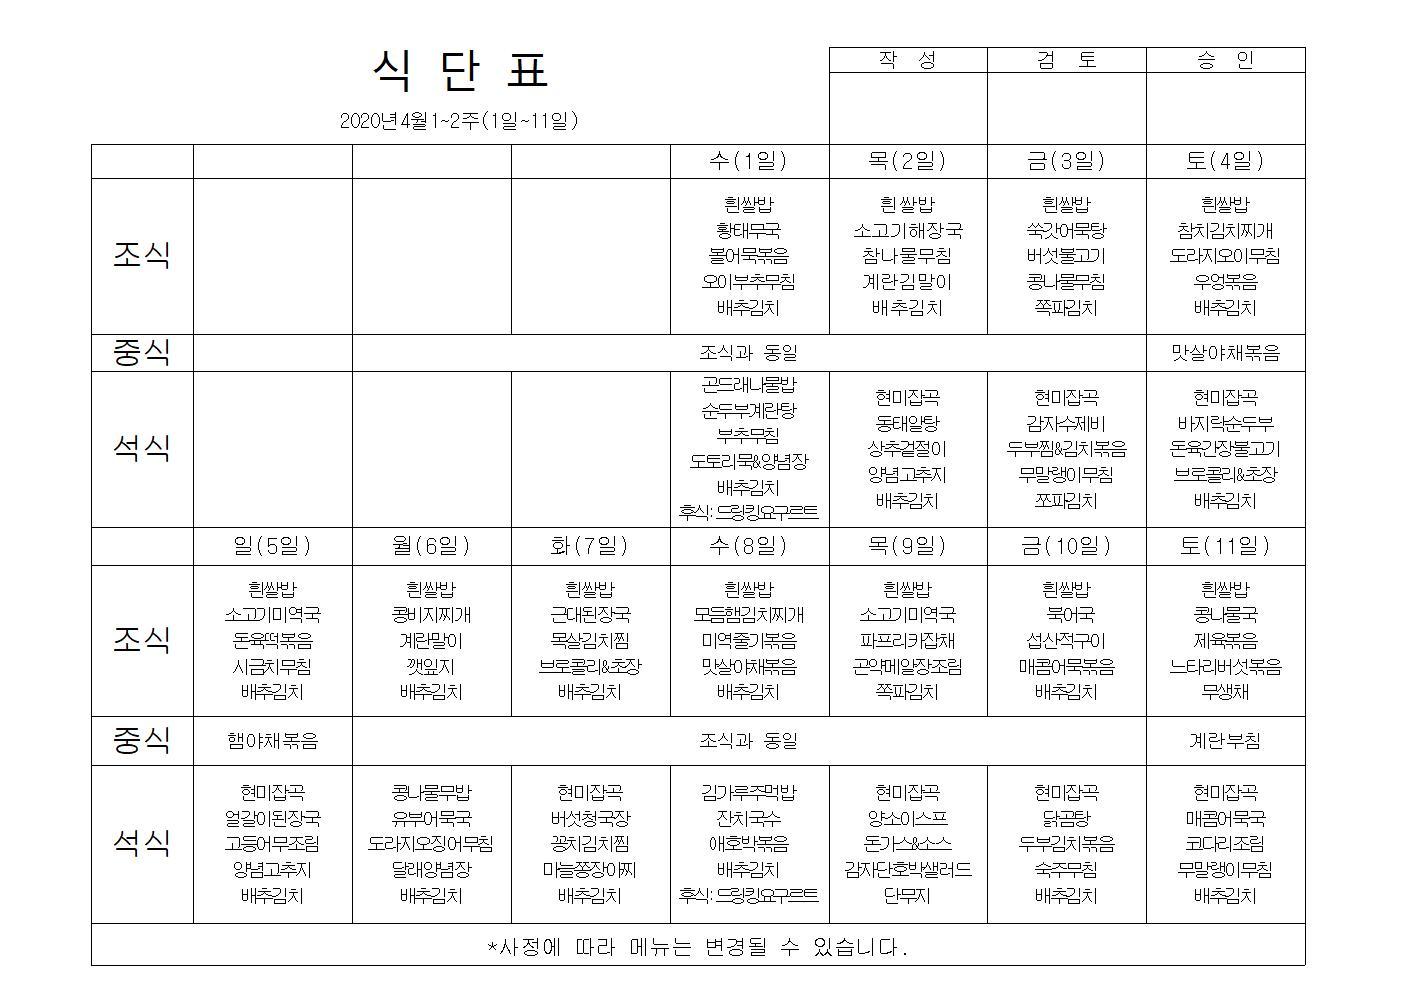 식단표2020년4월1.2주차001.jpg